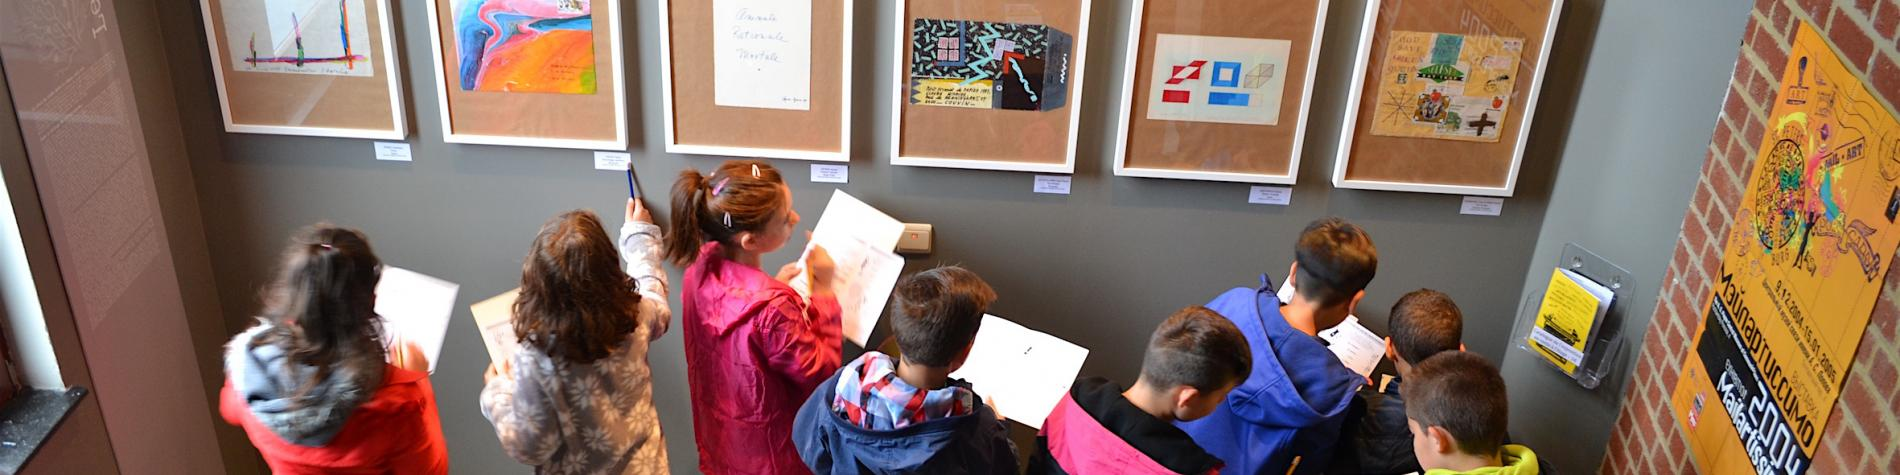 Musée du petit format - attraction - Art contemporain - Treignes